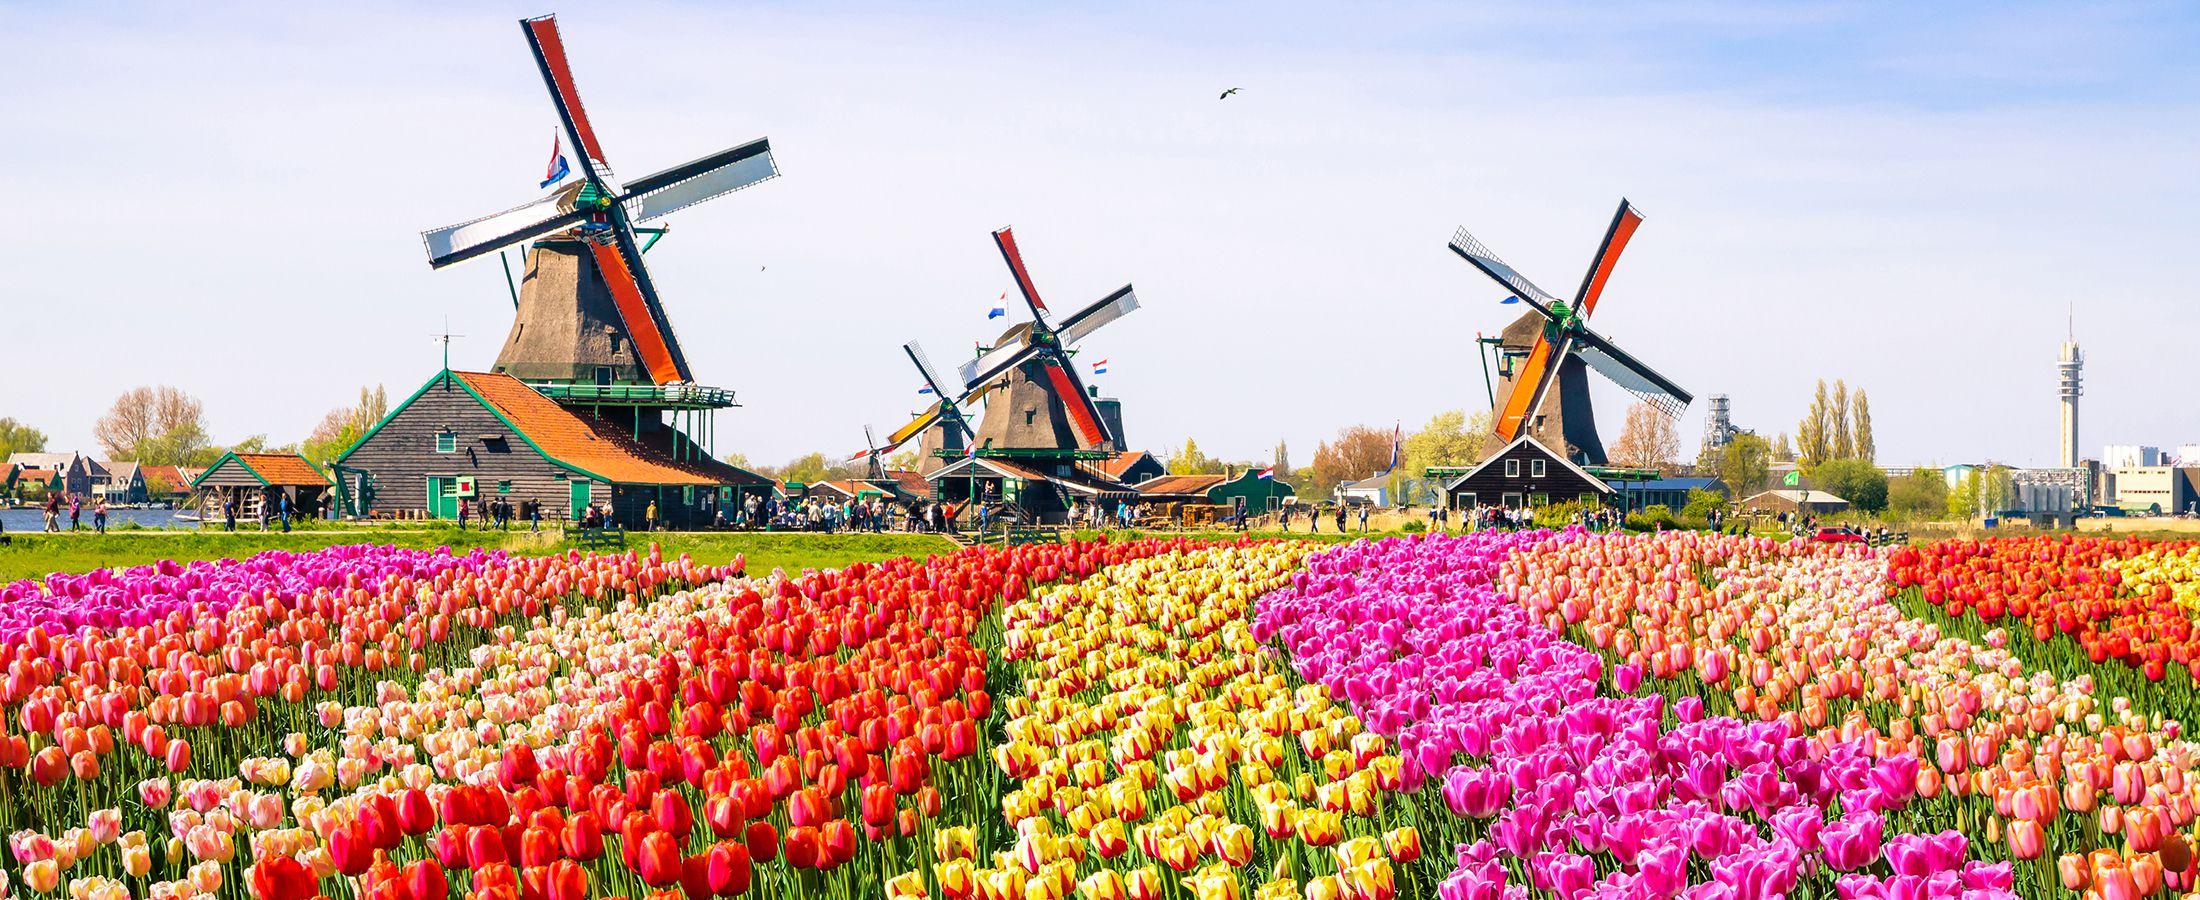 Väderkvarnar på ett tulpanfält i Holland